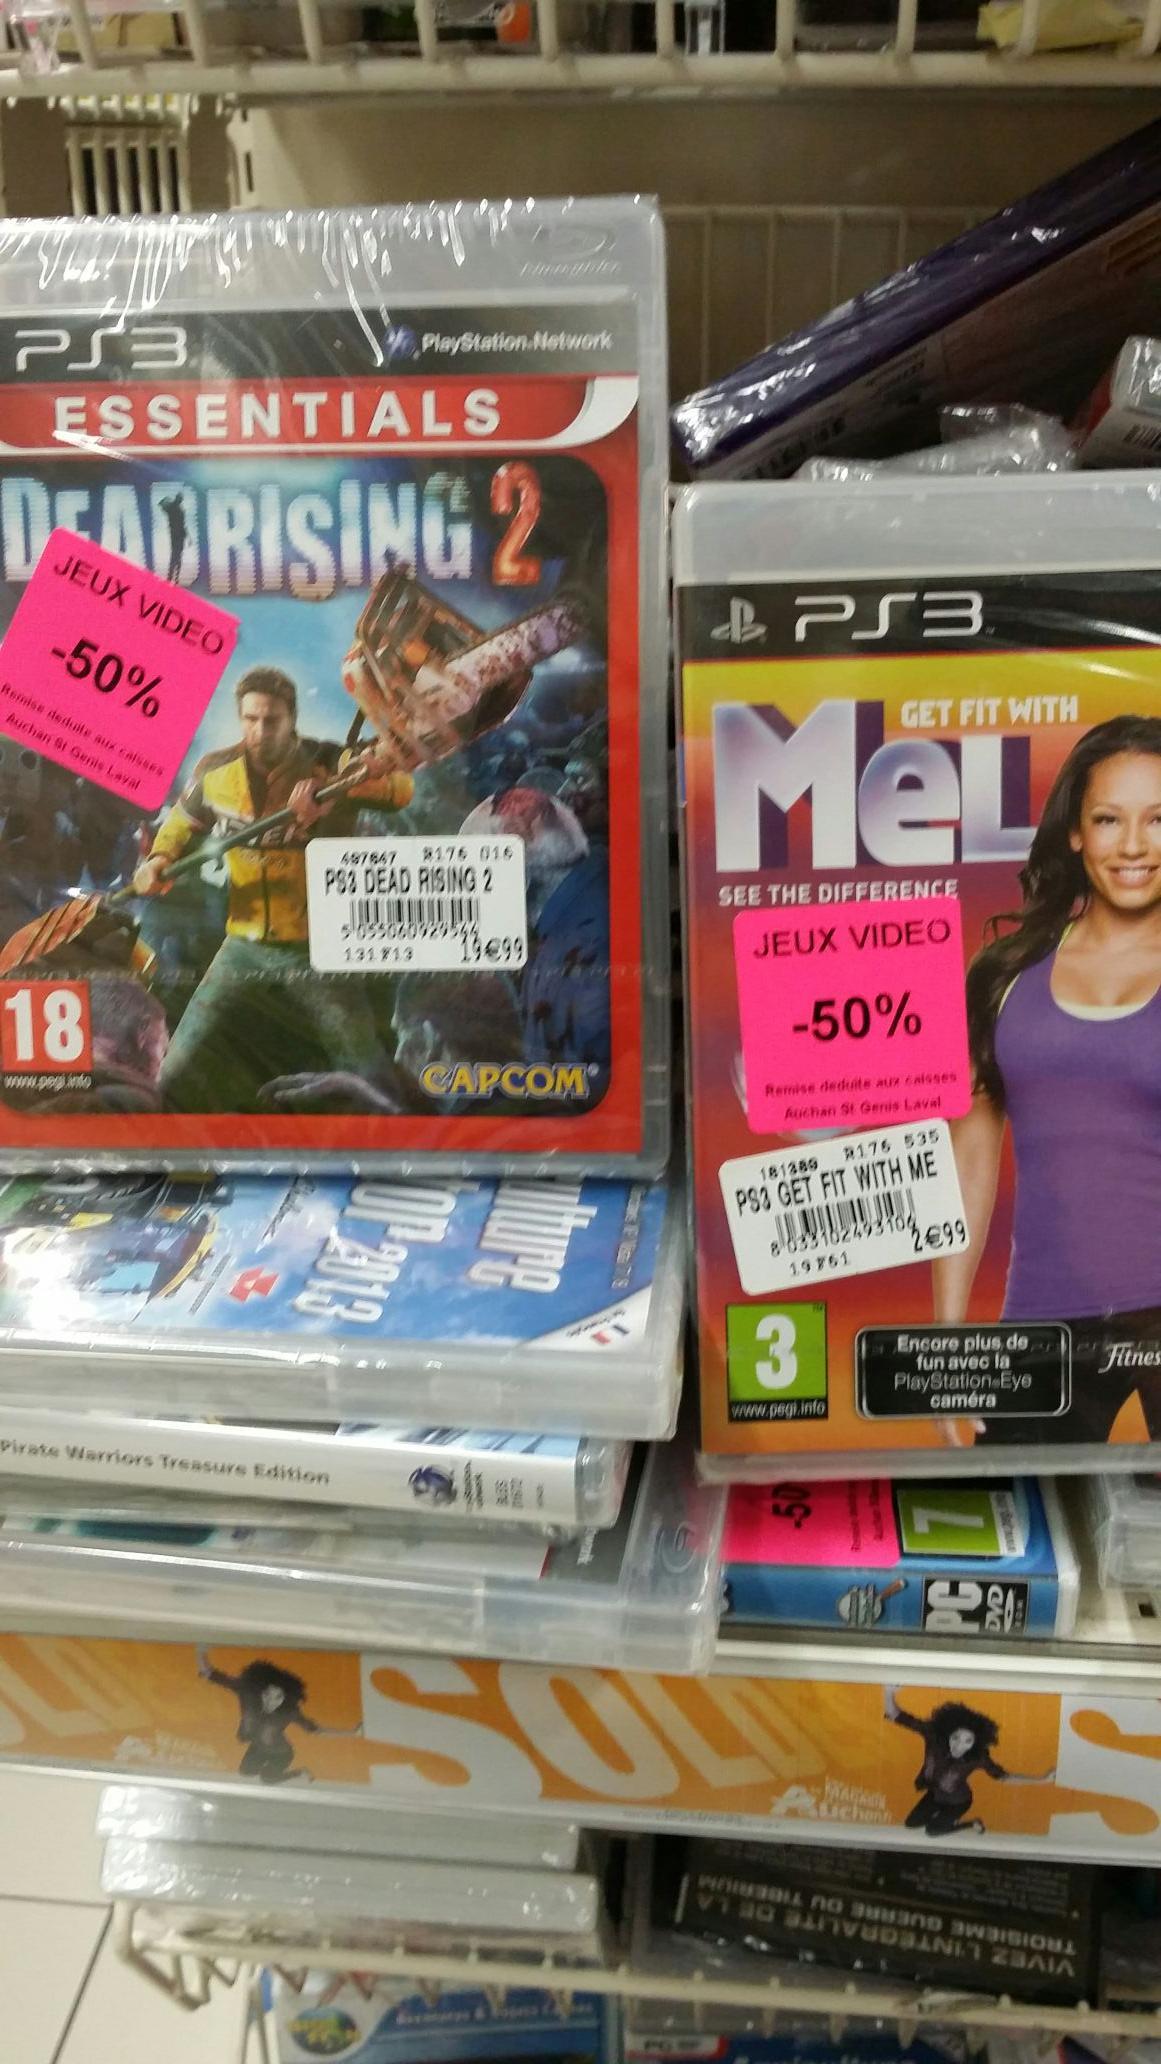 Sélection de jeux video à 50% de réduction - Ex : Jeu Dead Rising 2 sur PS3